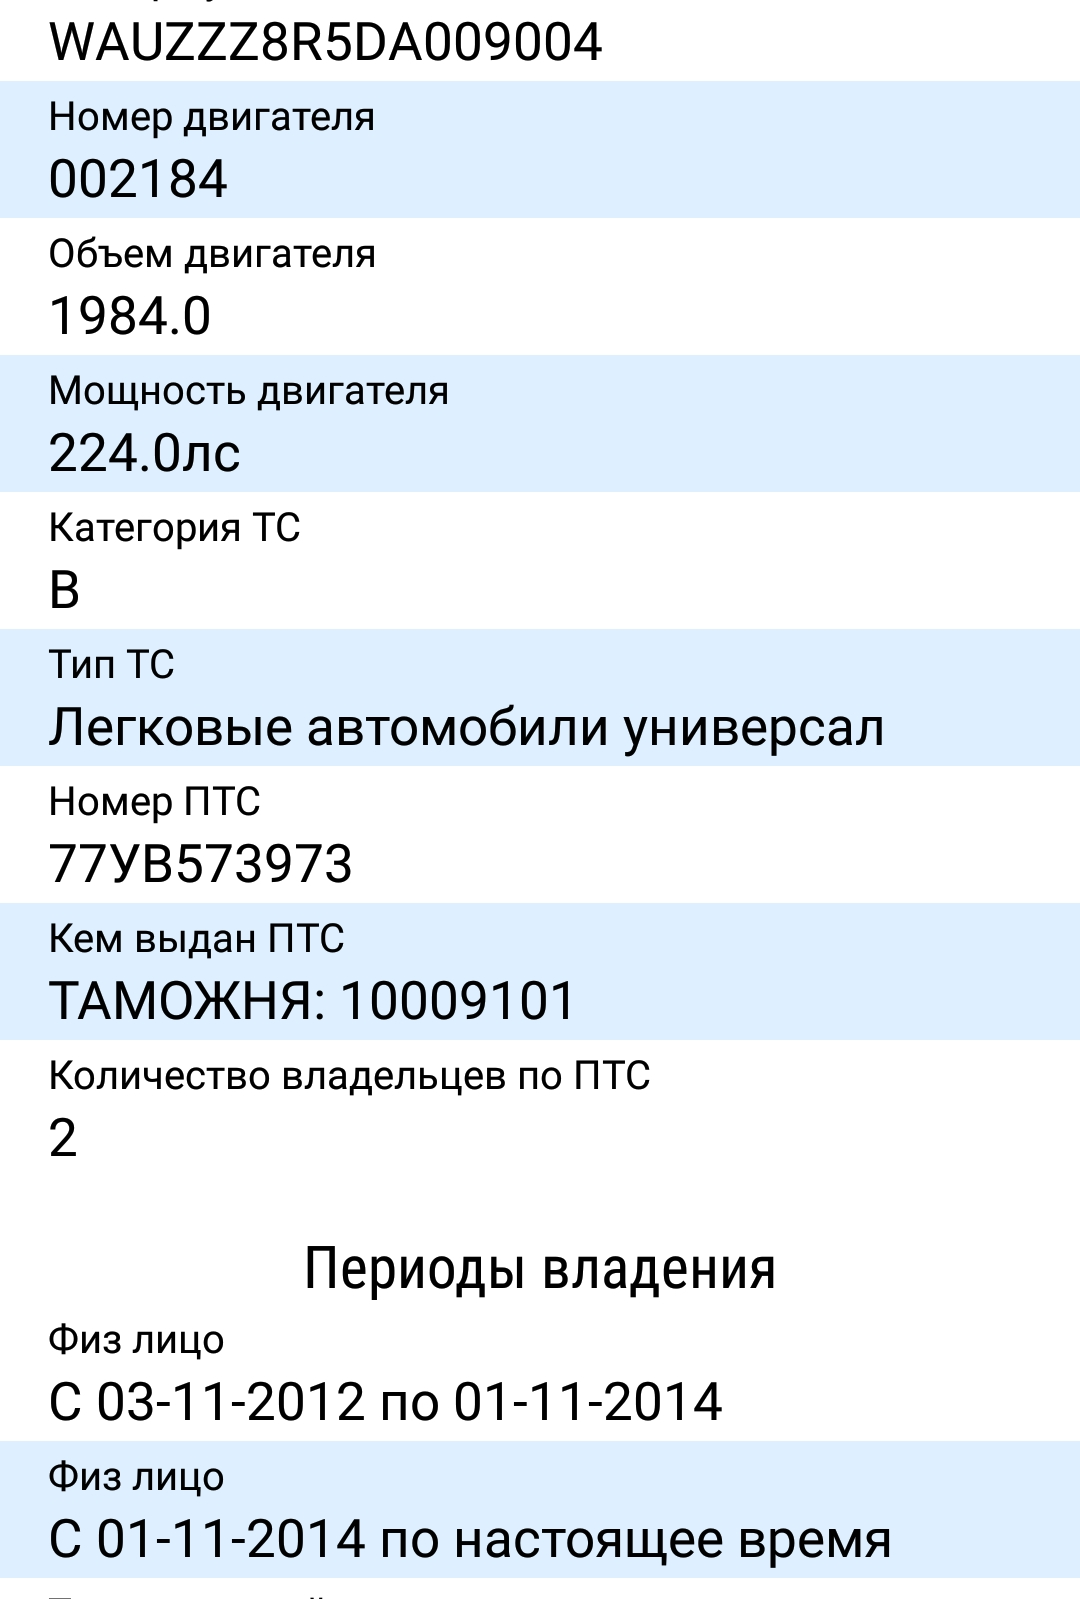 Screenshot_20201124-155614.jpg